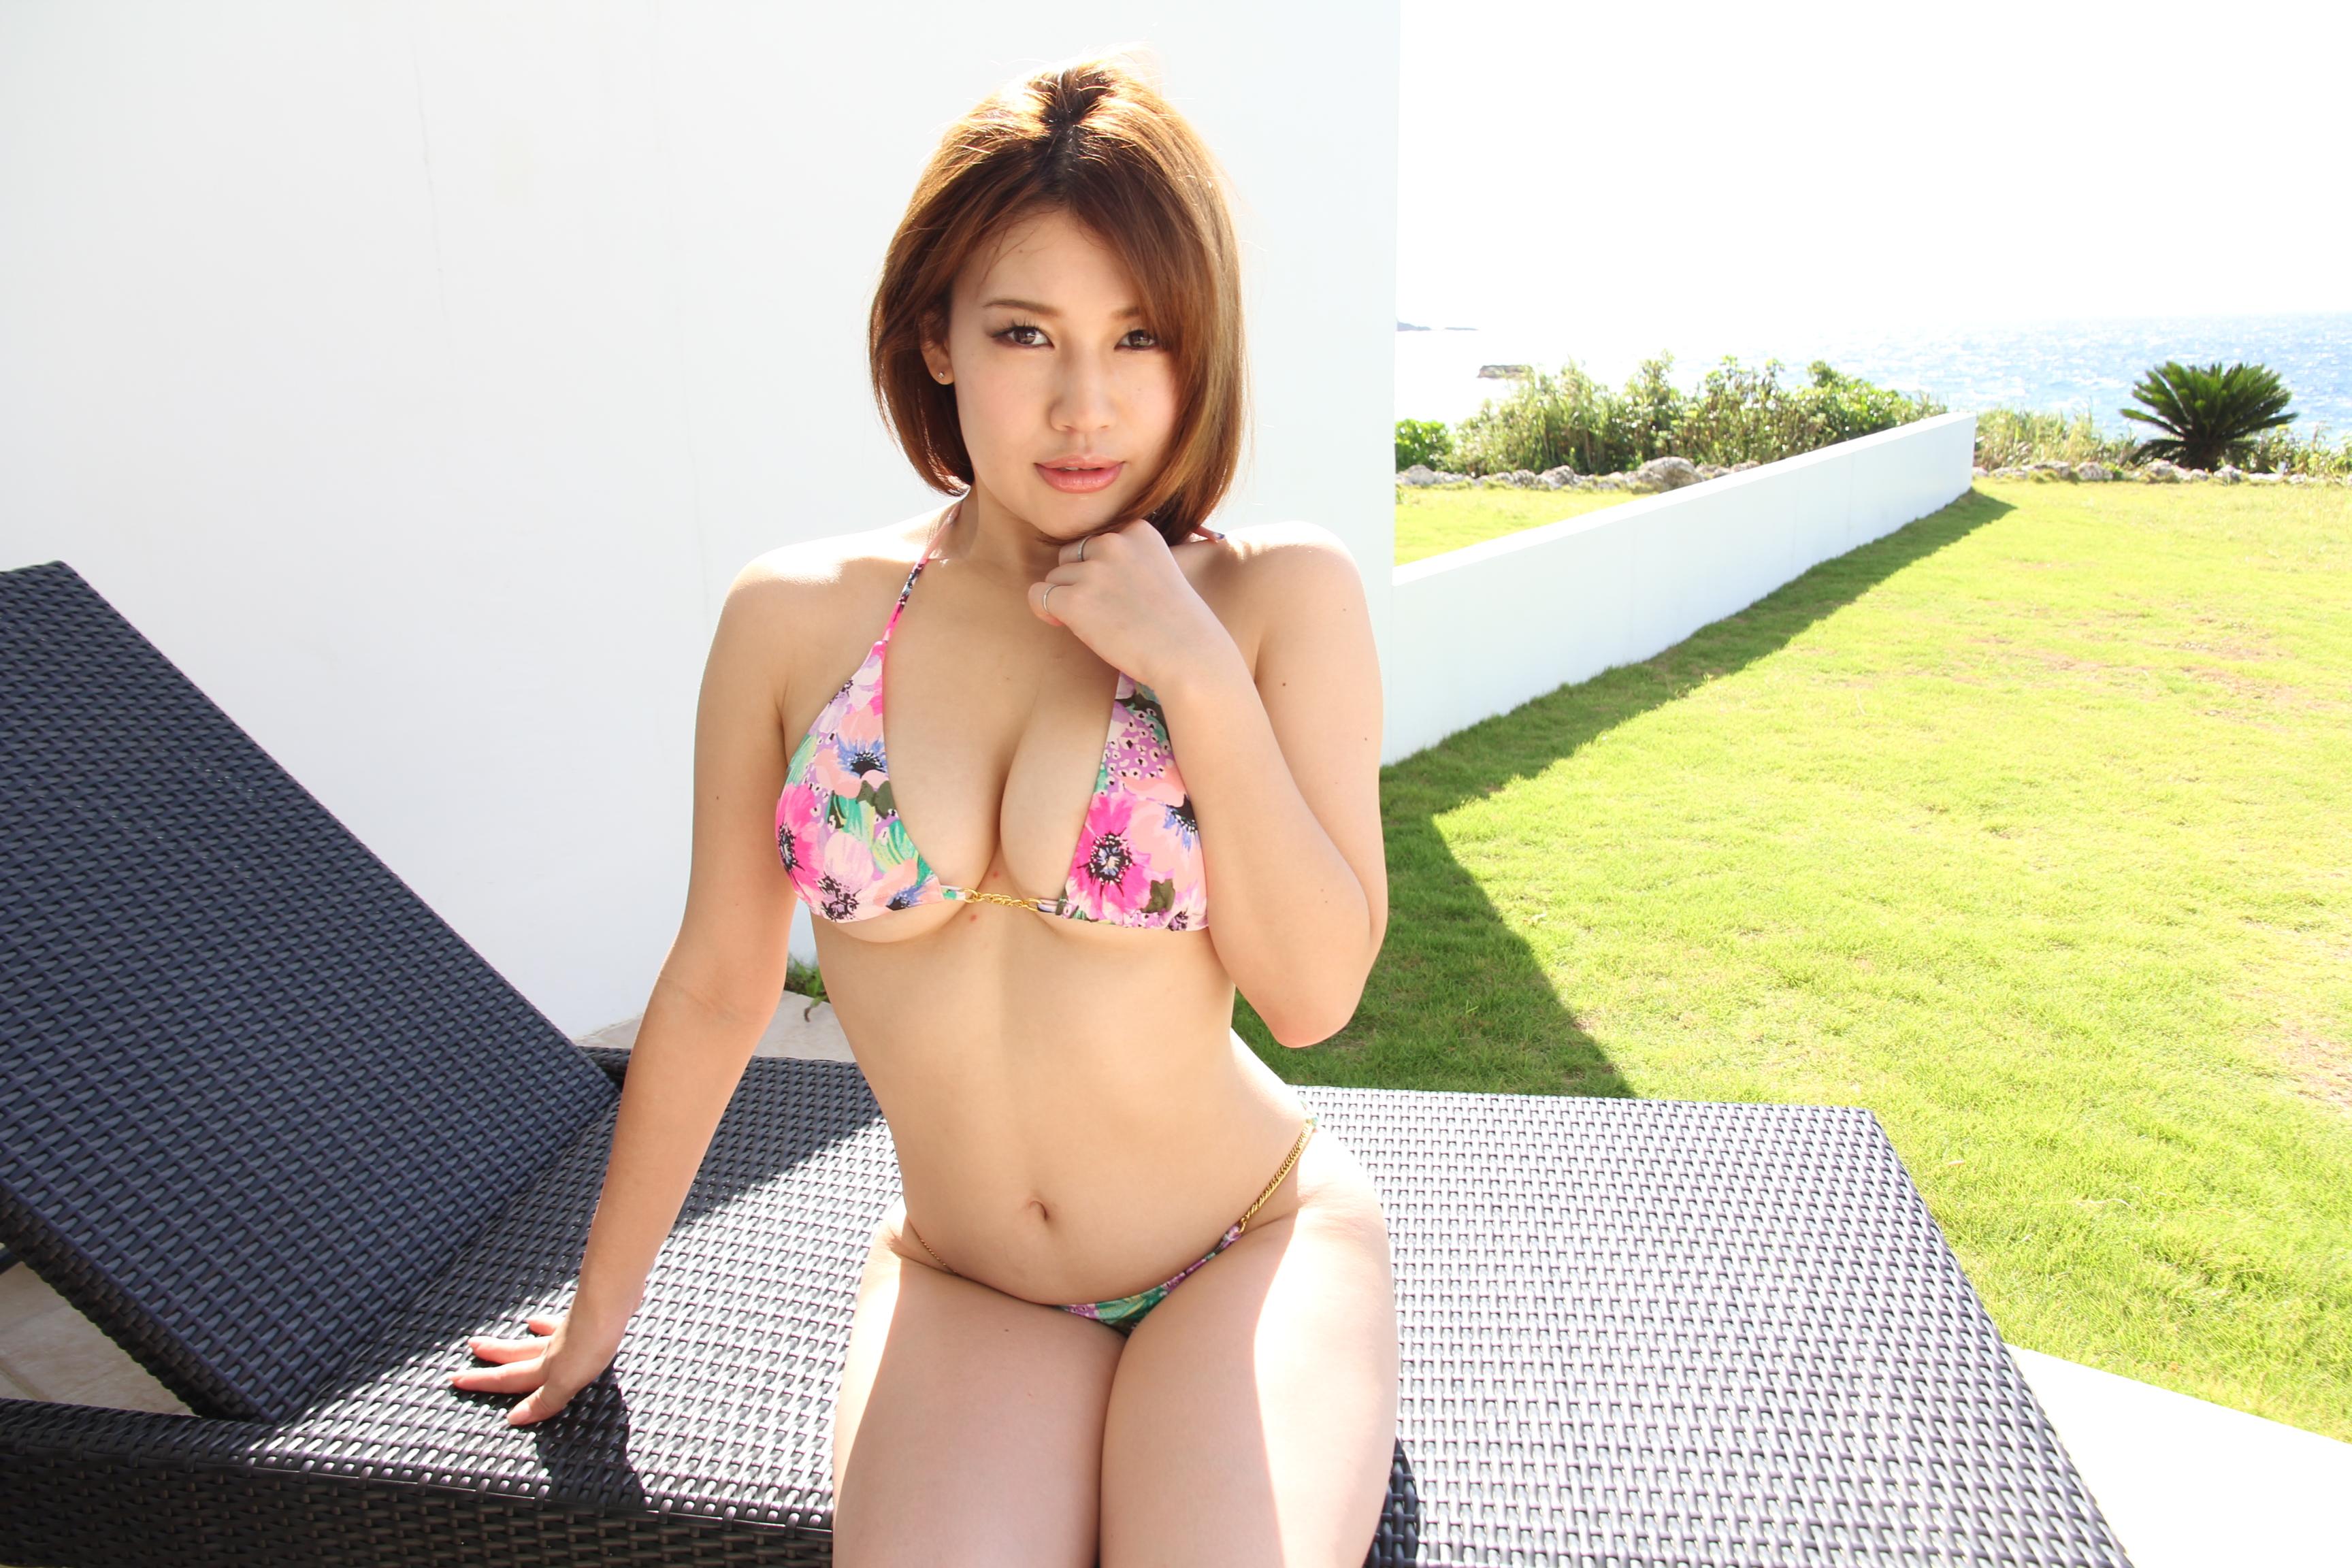 世界弾丸ハメドラー セックスファイター、夏 本田莉子